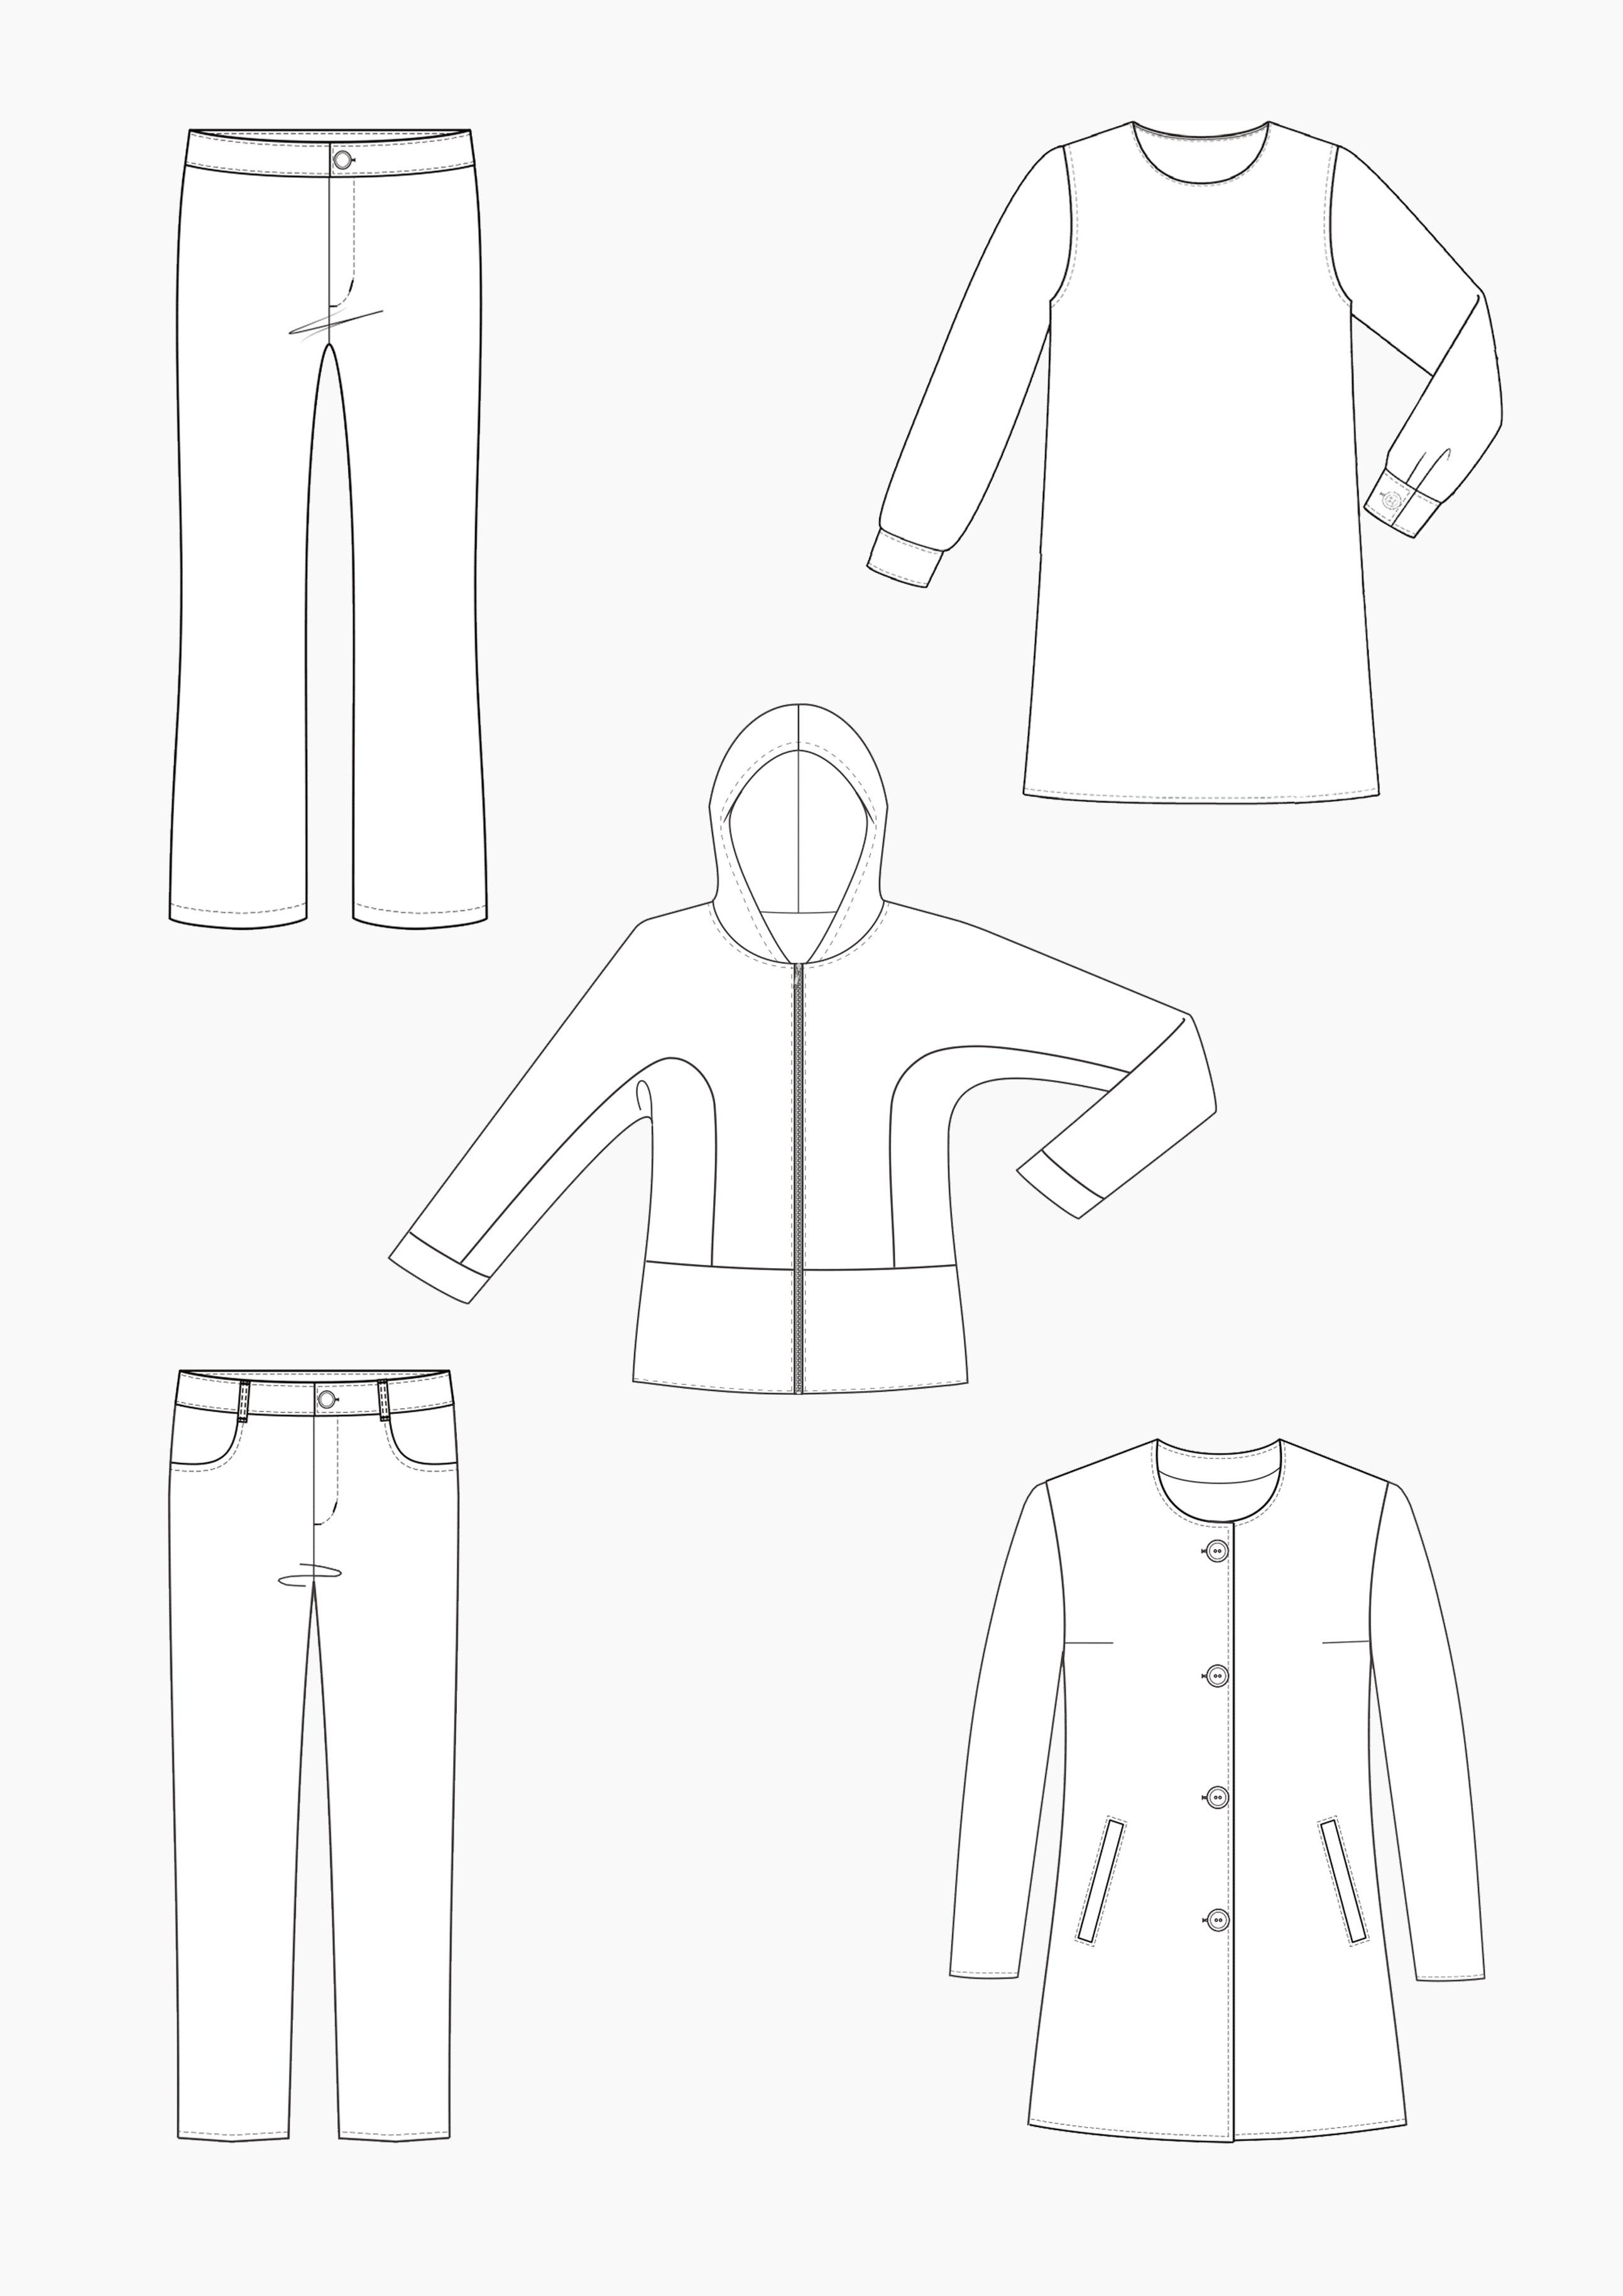 Produkt: Gradieren von Kinderbekleidung